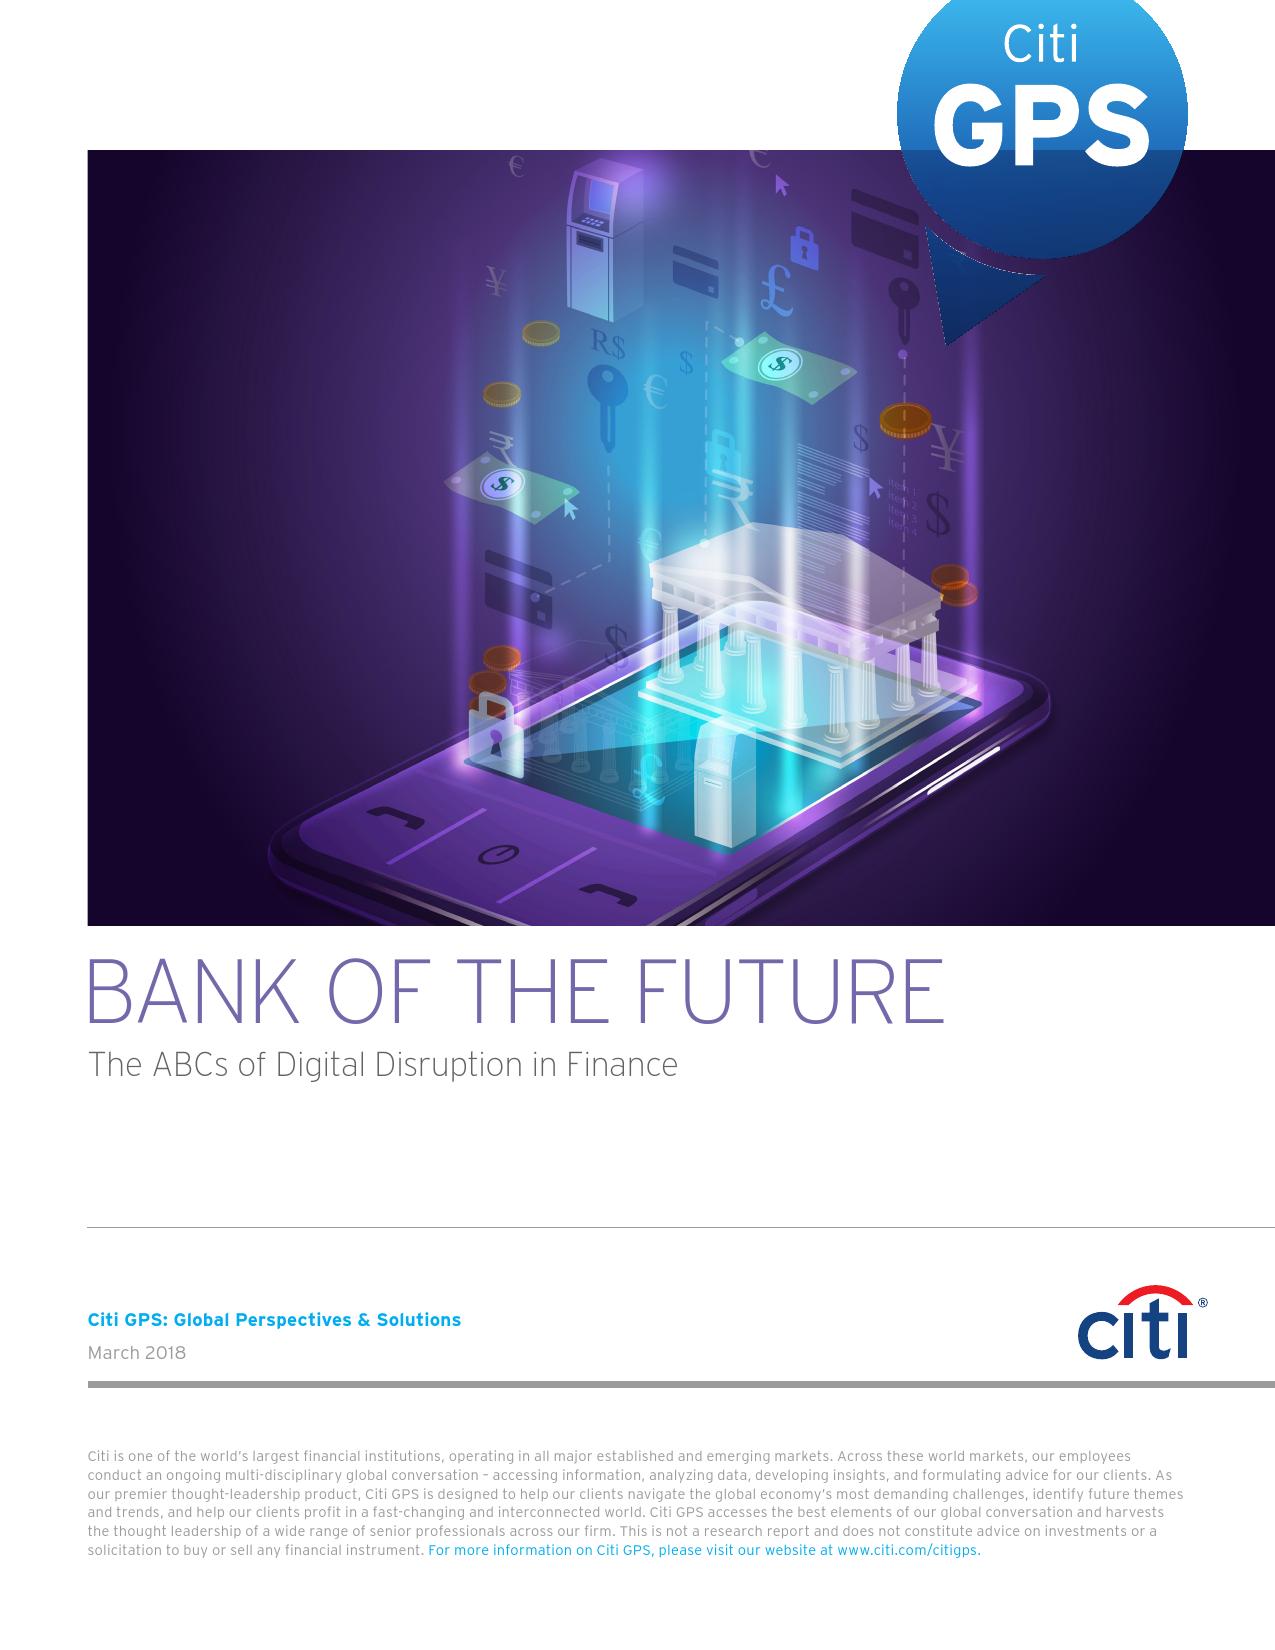 未来的银行:金融业数字化颠覆基础知识